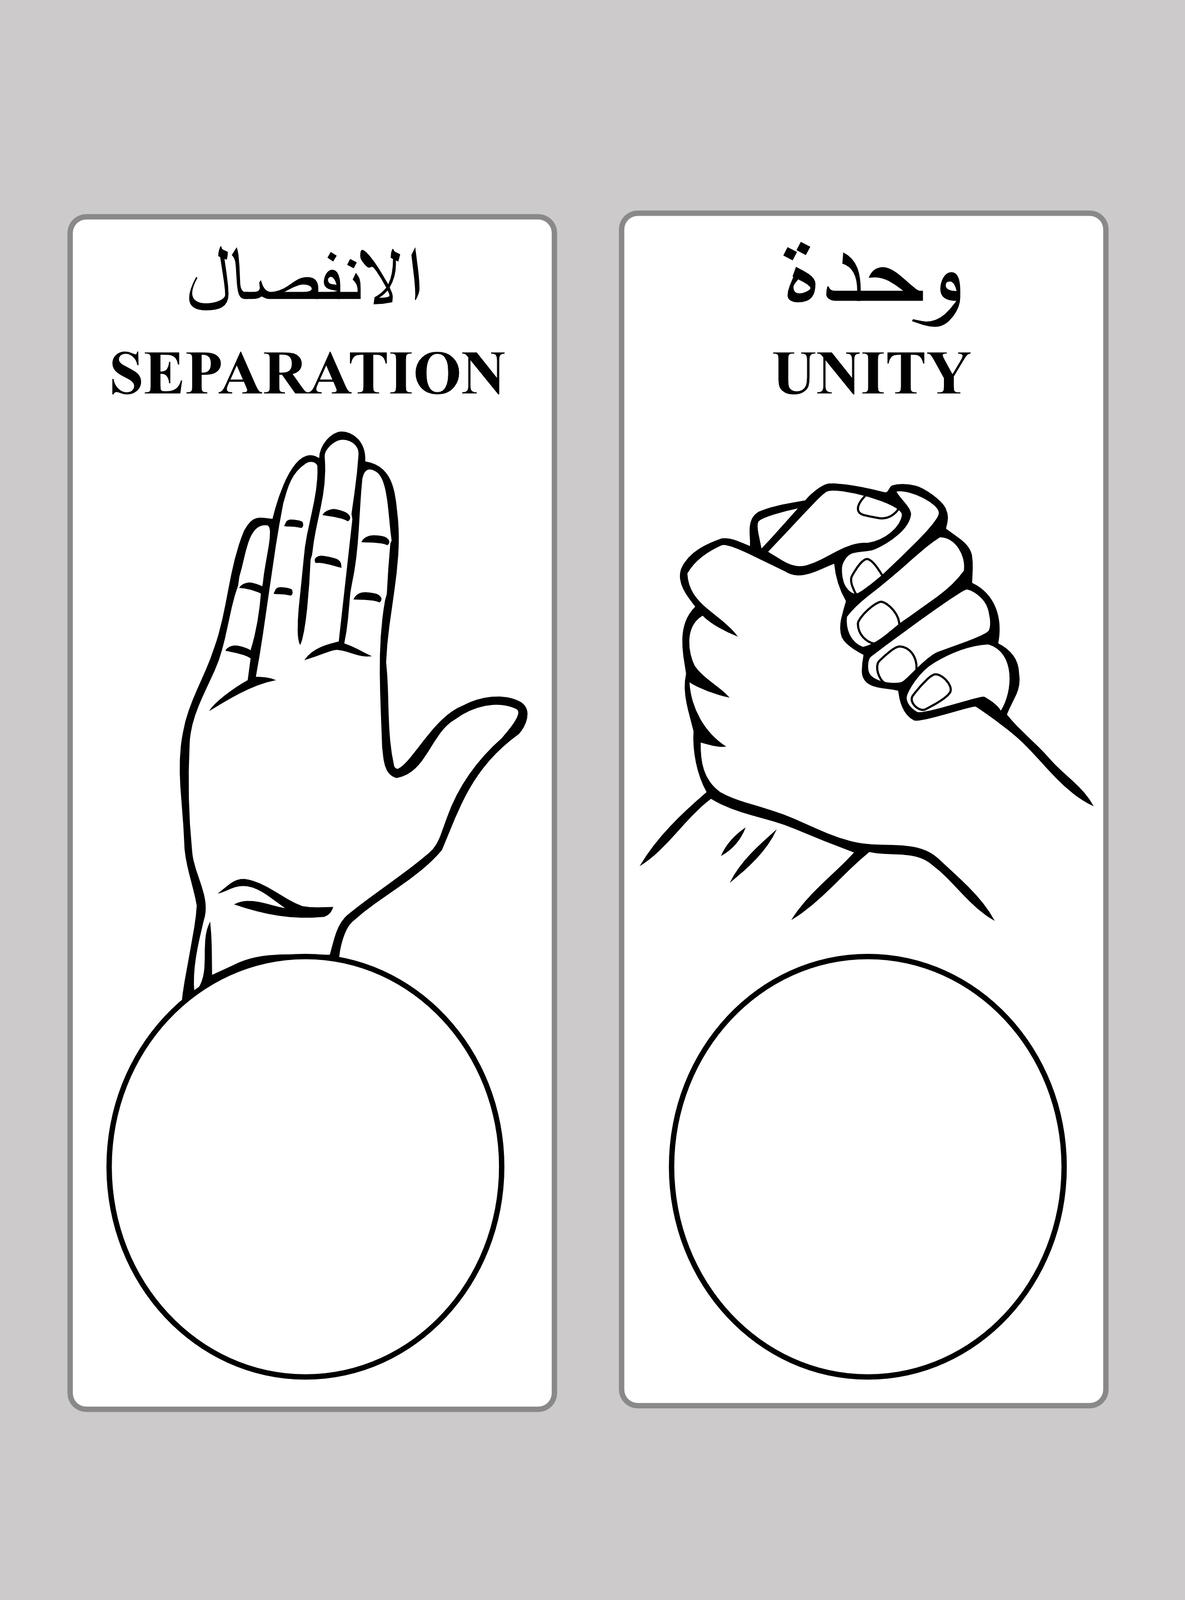 Na ilustracji karta do głosowania wSudanie Południowym. Opisy wjęzyku arabskim iangielskim. Zlewej strony rysunek otwartej dłoni inapis separation. Pod spodem puste kółko do odbicia odcisku palca. Zprawej strony splecione dłonie inapis unity. Pod spodem puste kółko do odbicia odcisku palca.